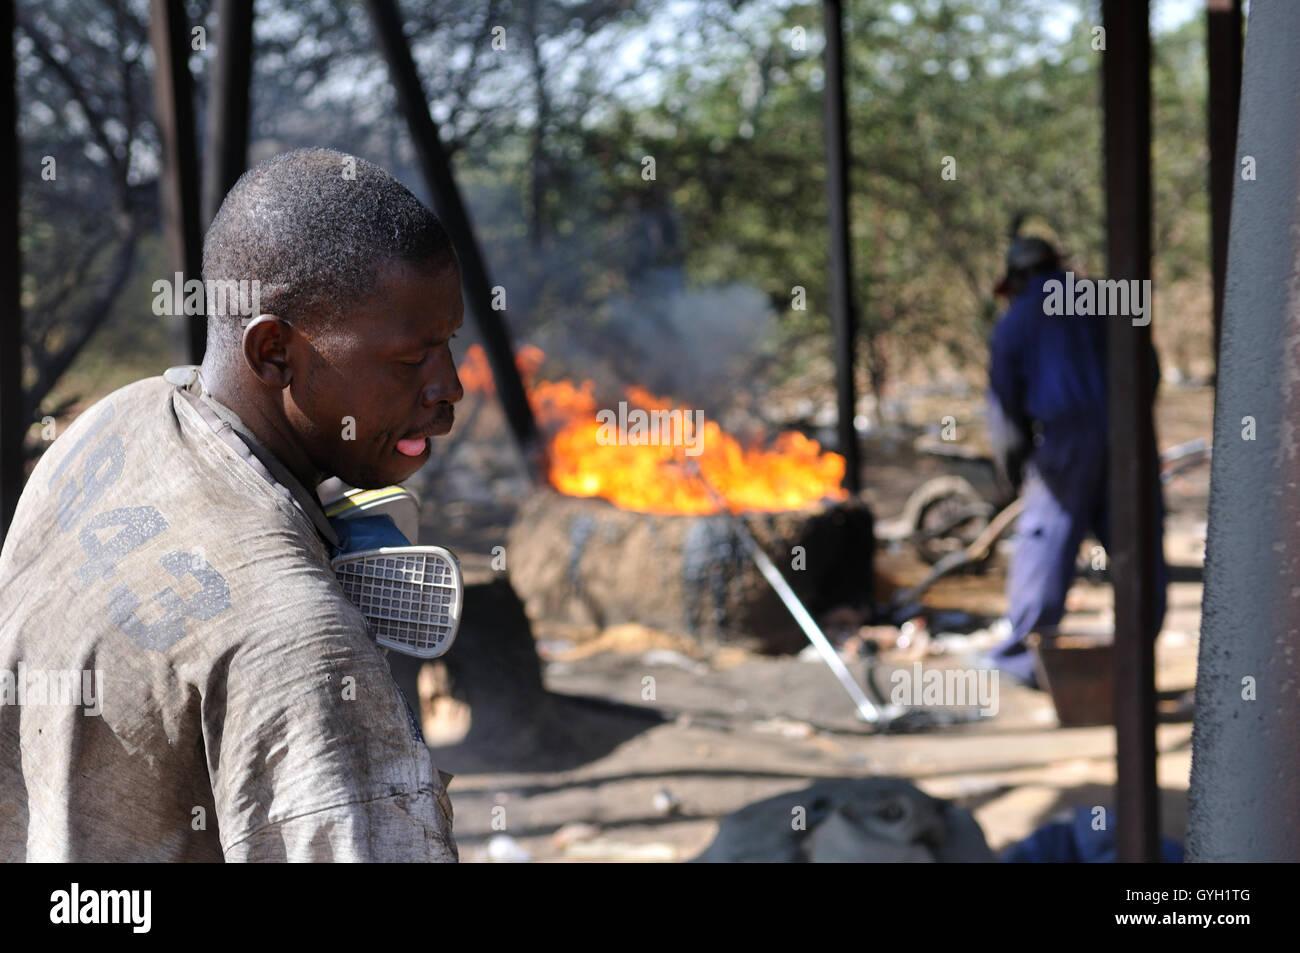 AKTC's plastic recycling project in Mopti (Mali) -  22/11/2011  -  Mali  -  Recycling project of plastics bags created by the Aga Khan Trust Et Culture. Mopti (Mali-2011)    -  Nicolas Remene / Le Pictorium Stock Photo